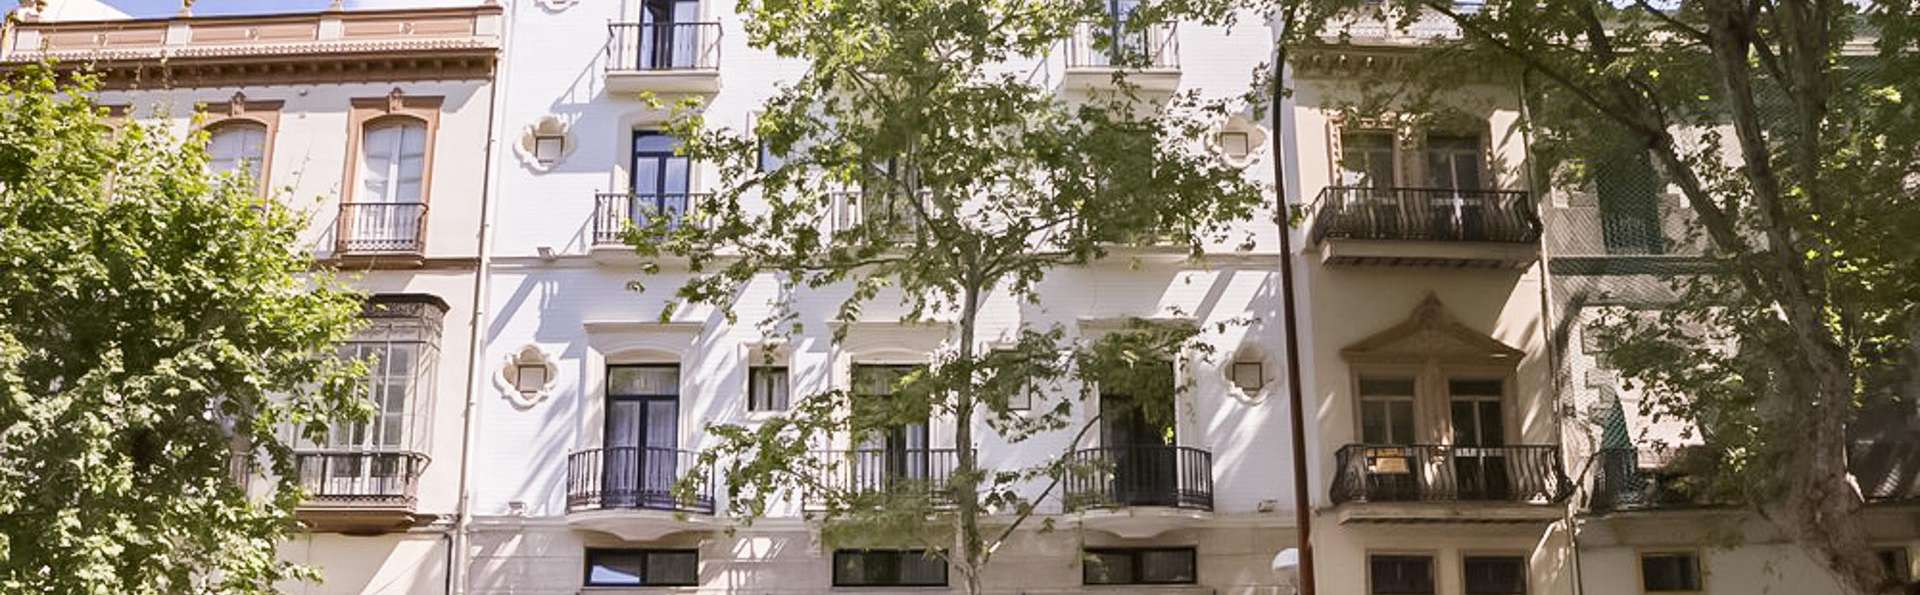 Petit Palace Puerta de Triana - EDIT_FRONT_01.jpg